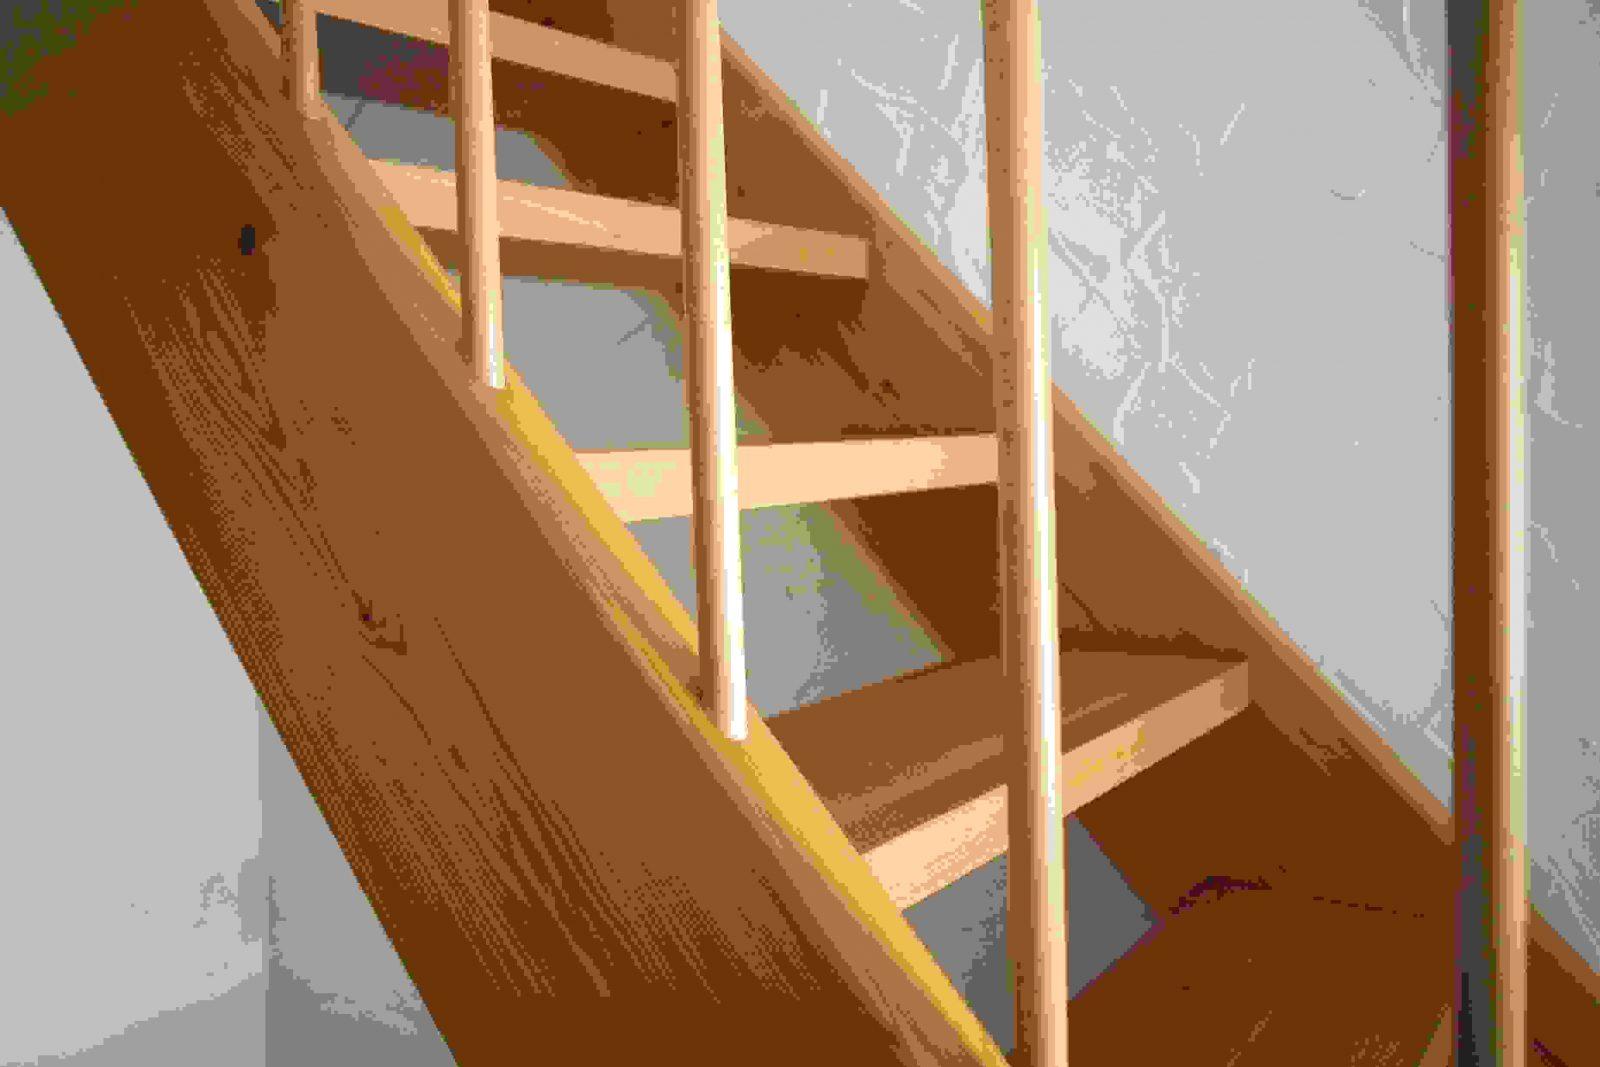 Treppe Selber Bauen Anleitung Geländer Treppe Selber Bauen Nb U von Treppe Selber Bauen Anleitung Bild